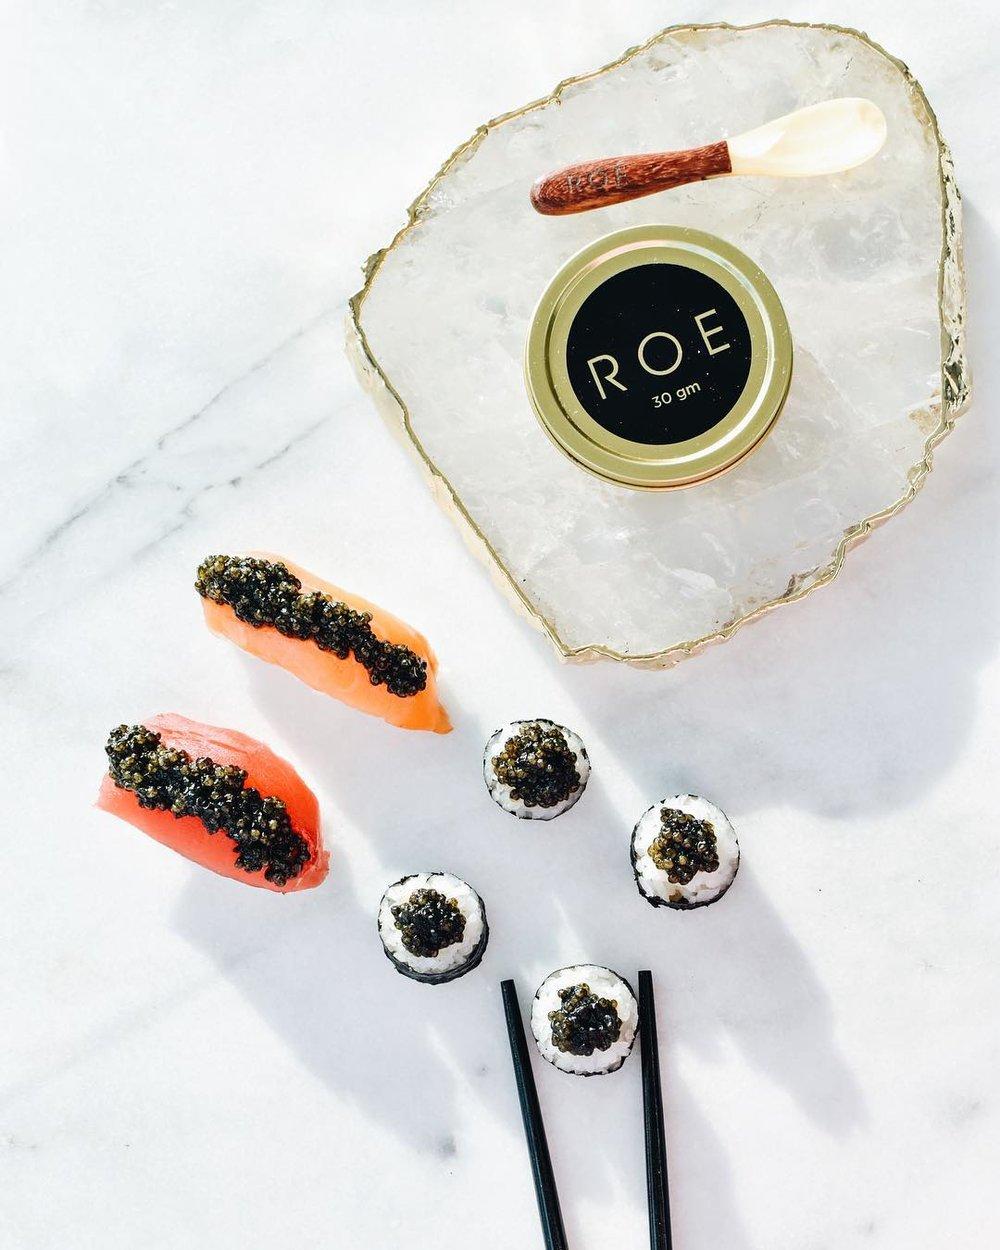 ROE Caviar - Los Angeles